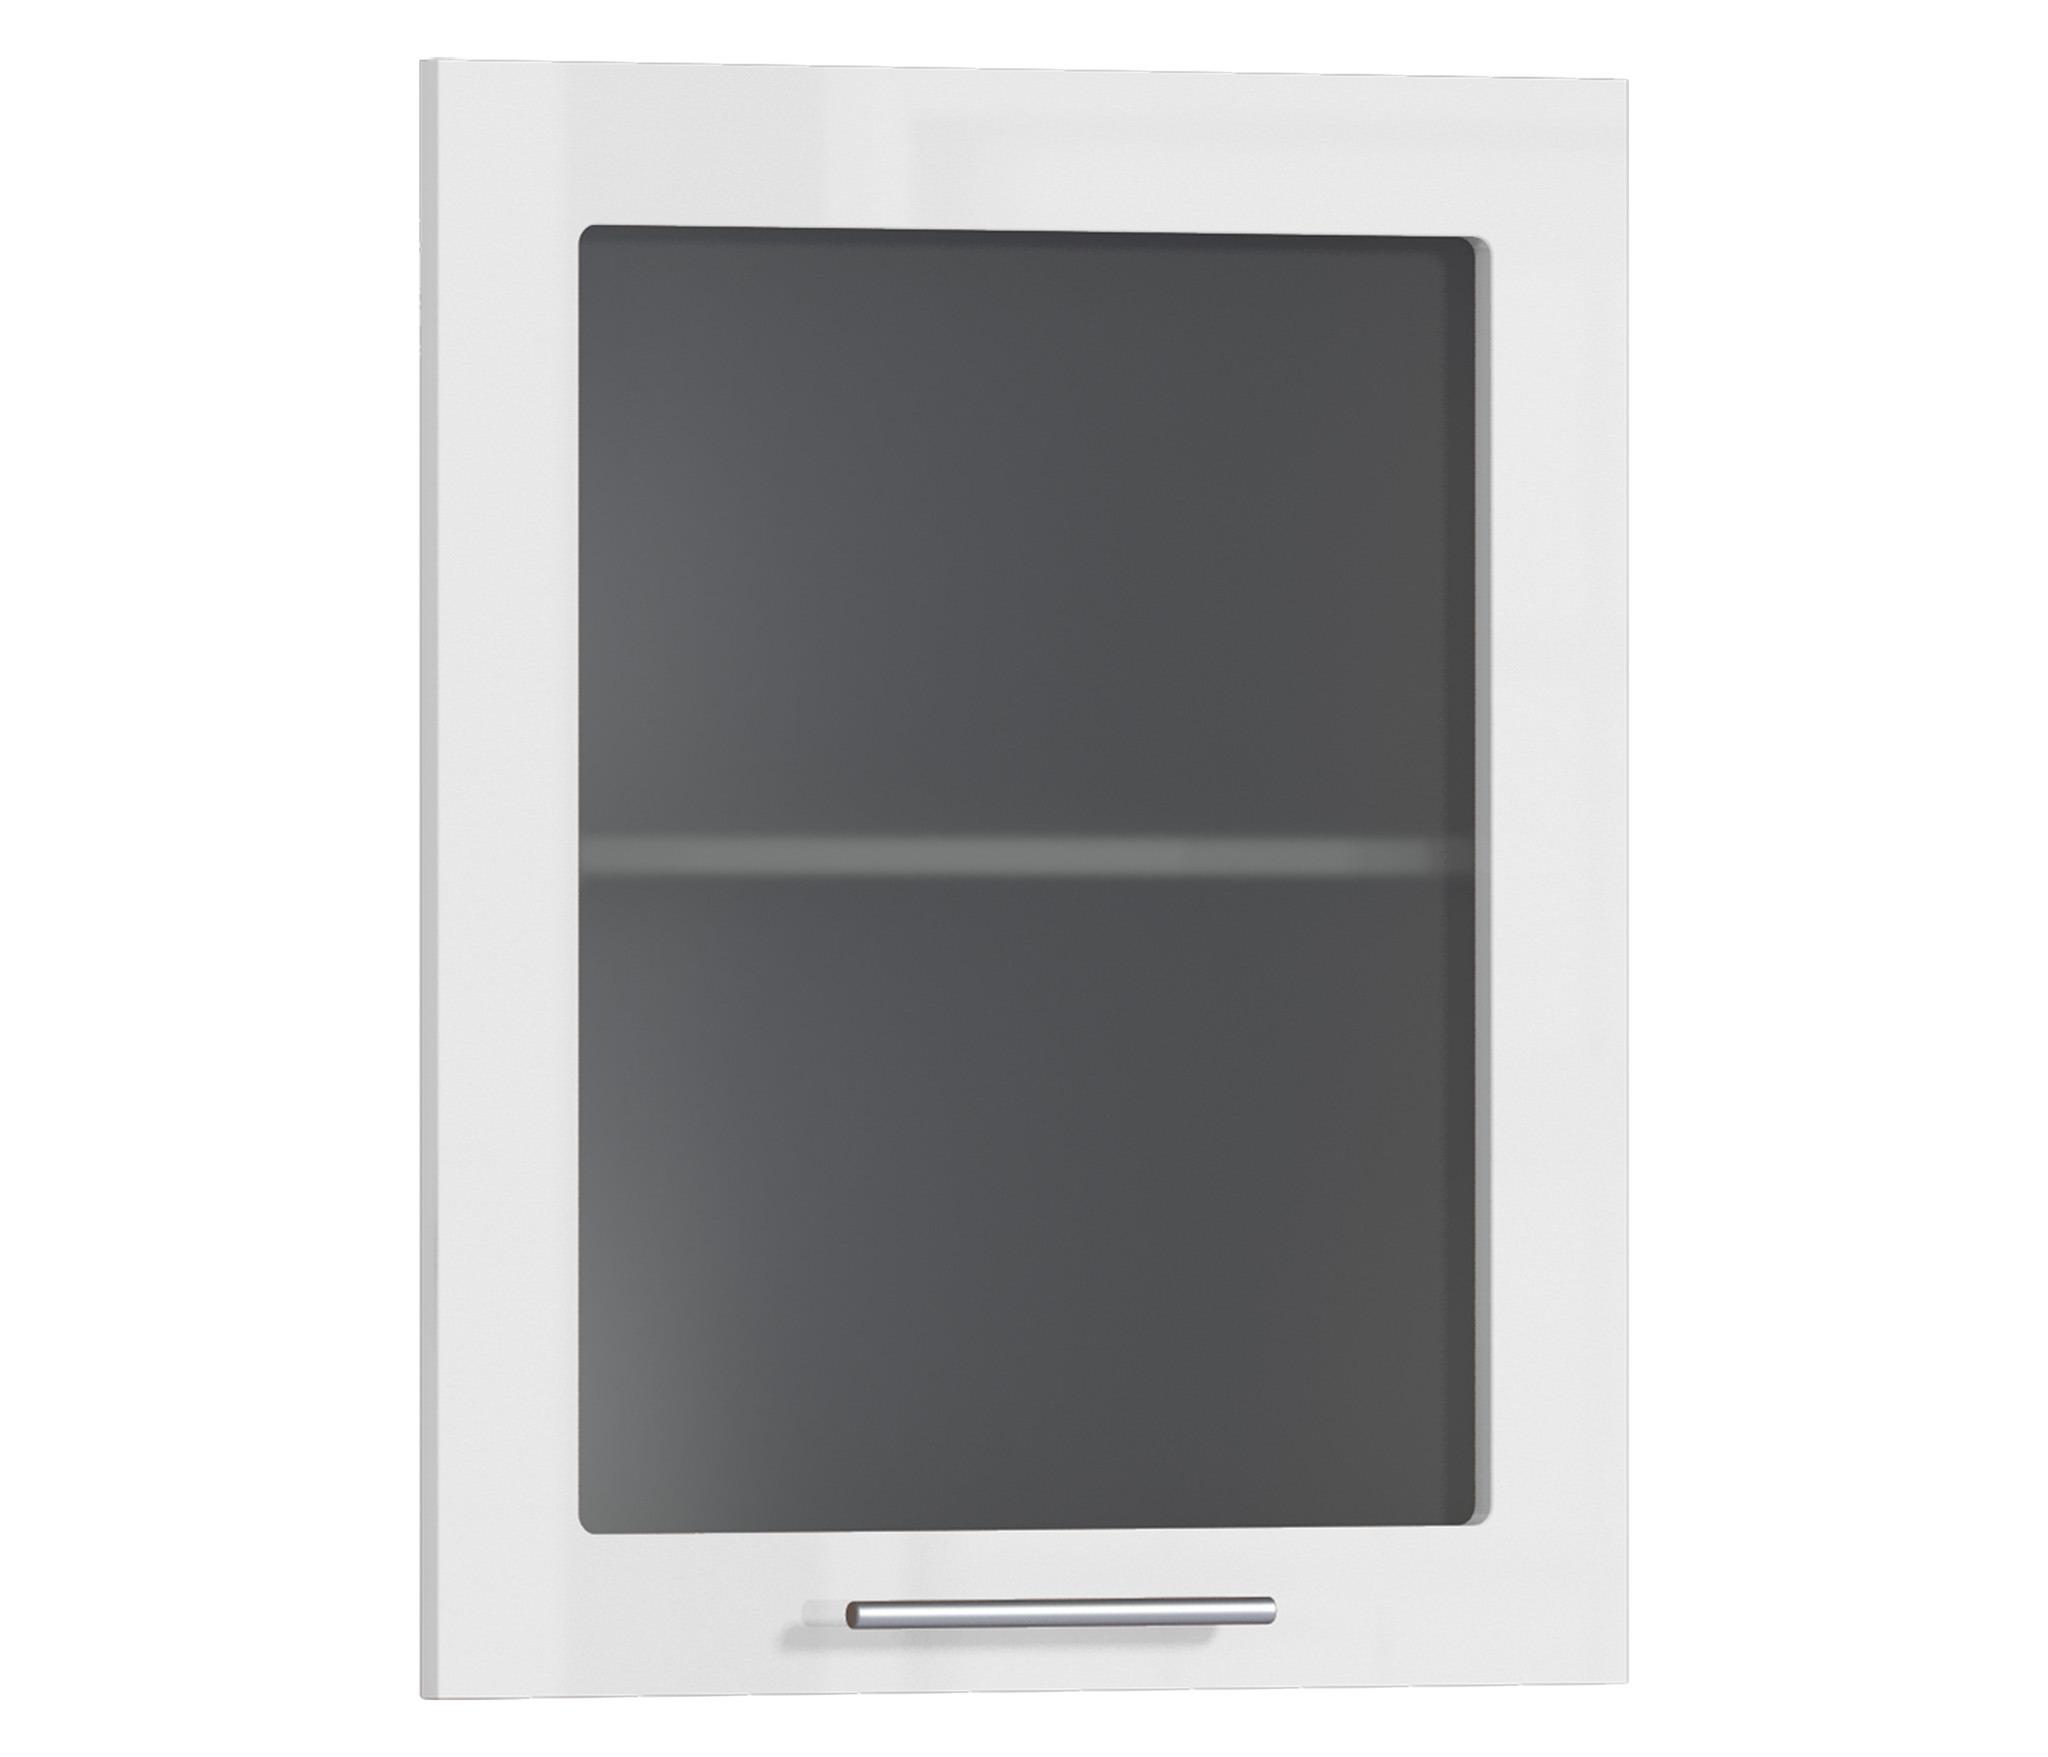 Фасад Анна ФВ-60  к корпусу АП-60Мебель для кухни<br>Деталь для оформления дверцы кухонного шкафа.